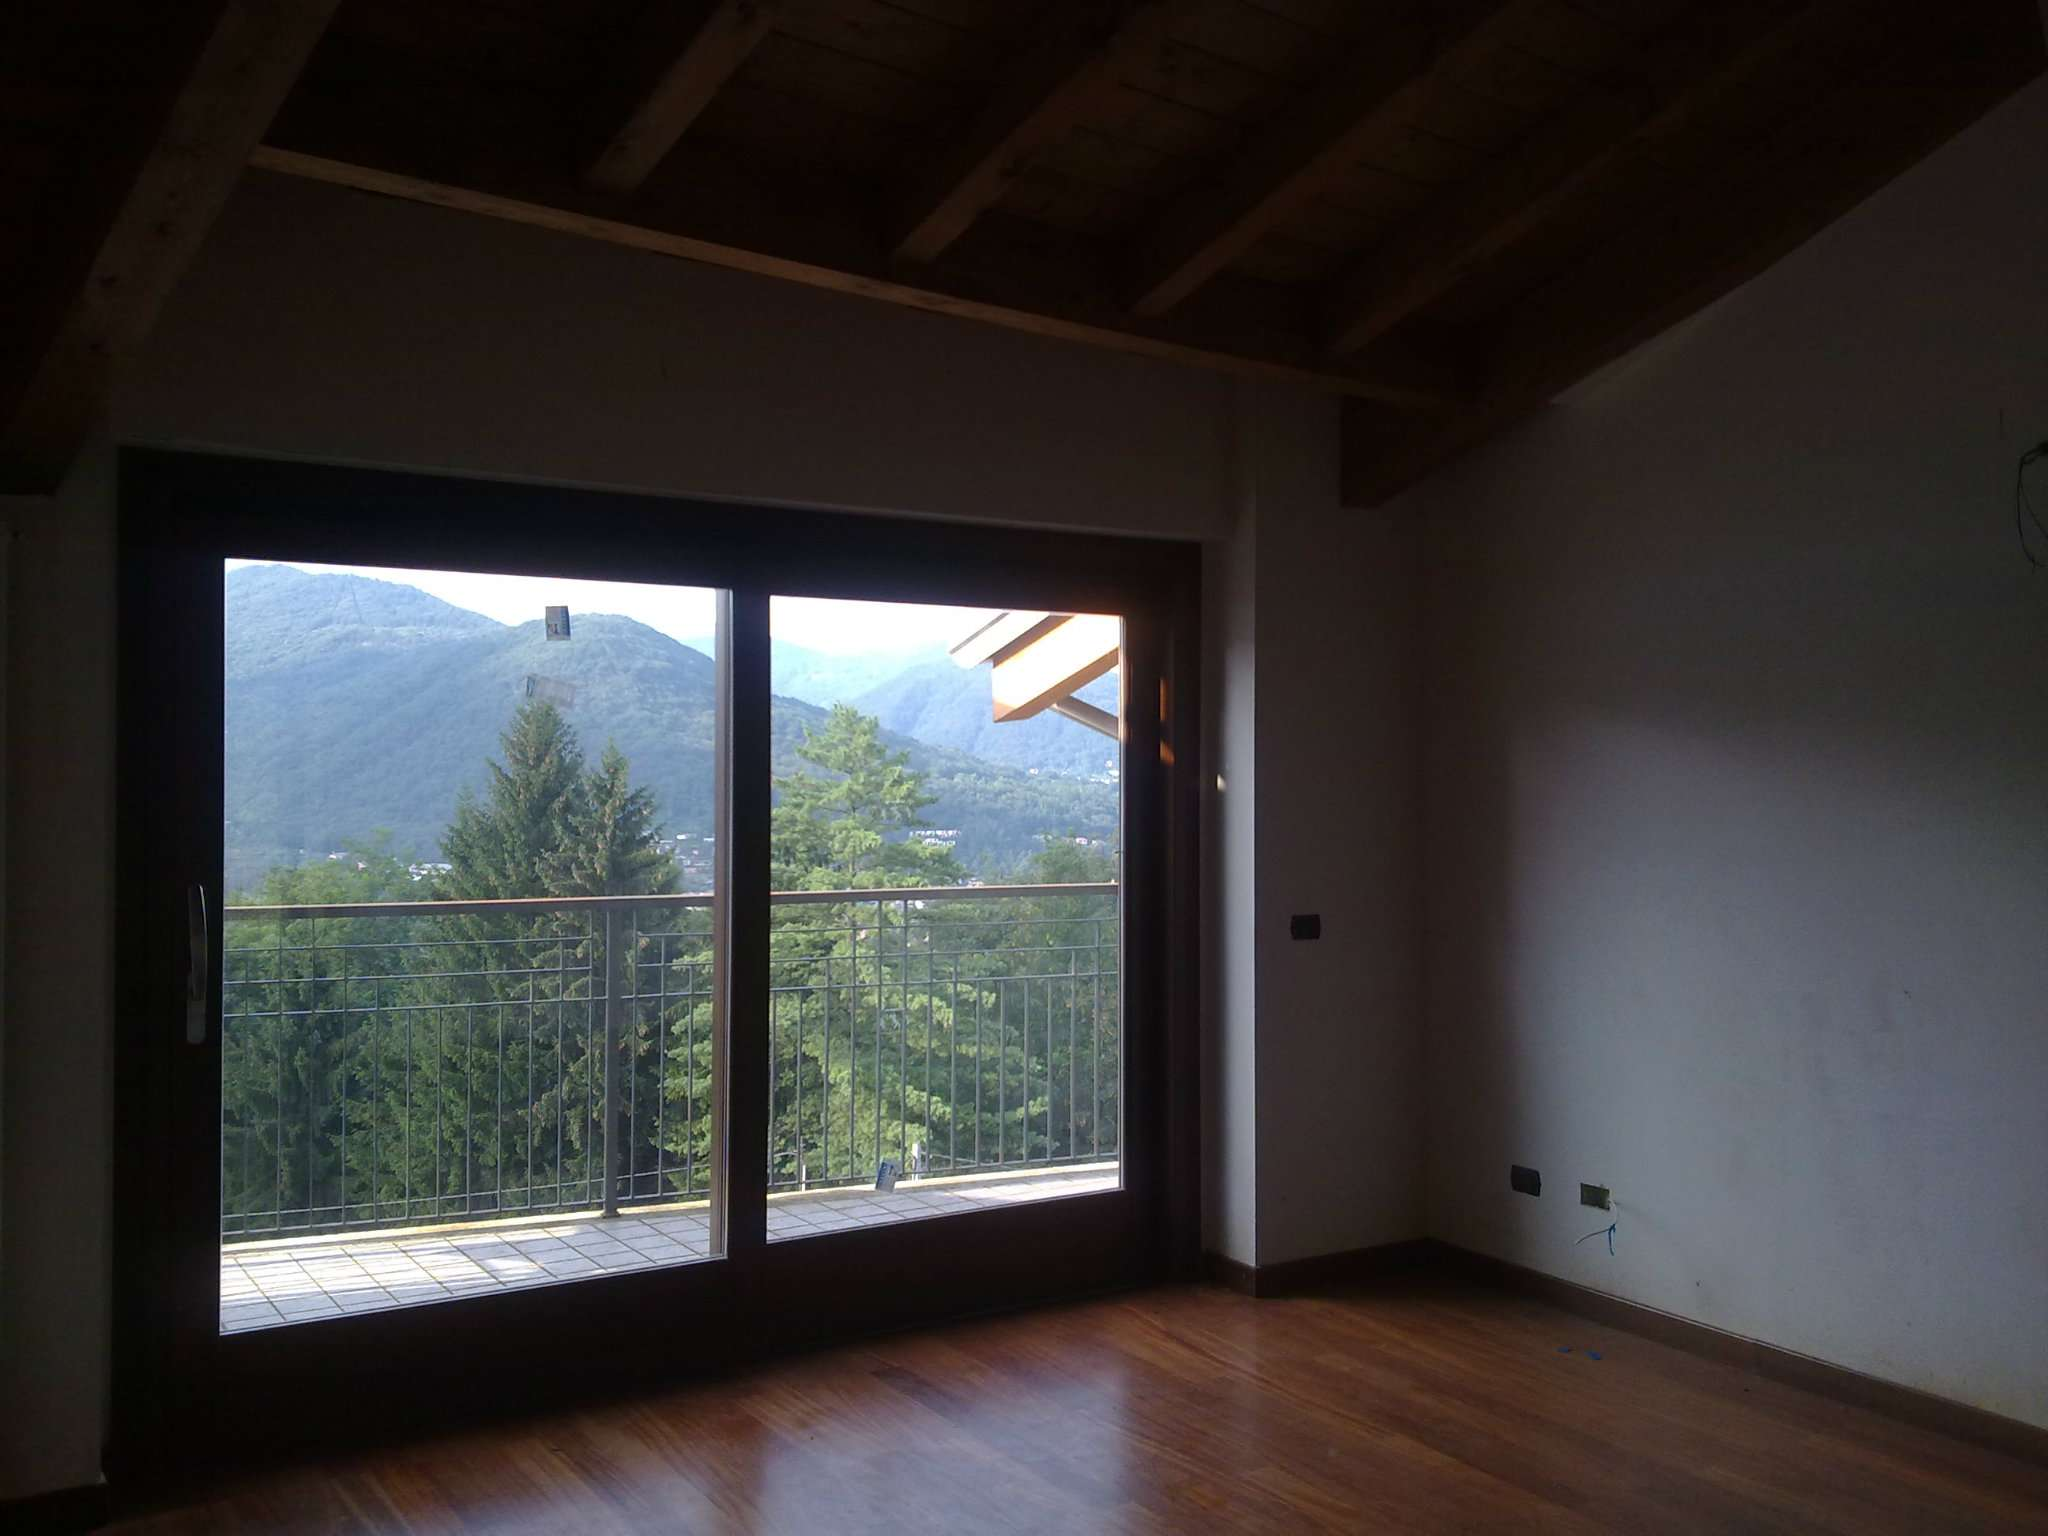 Appartamento in vendita a Cadegliano-Viconago, 3 locali, prezzo € 149.000 | CambioCasa.it